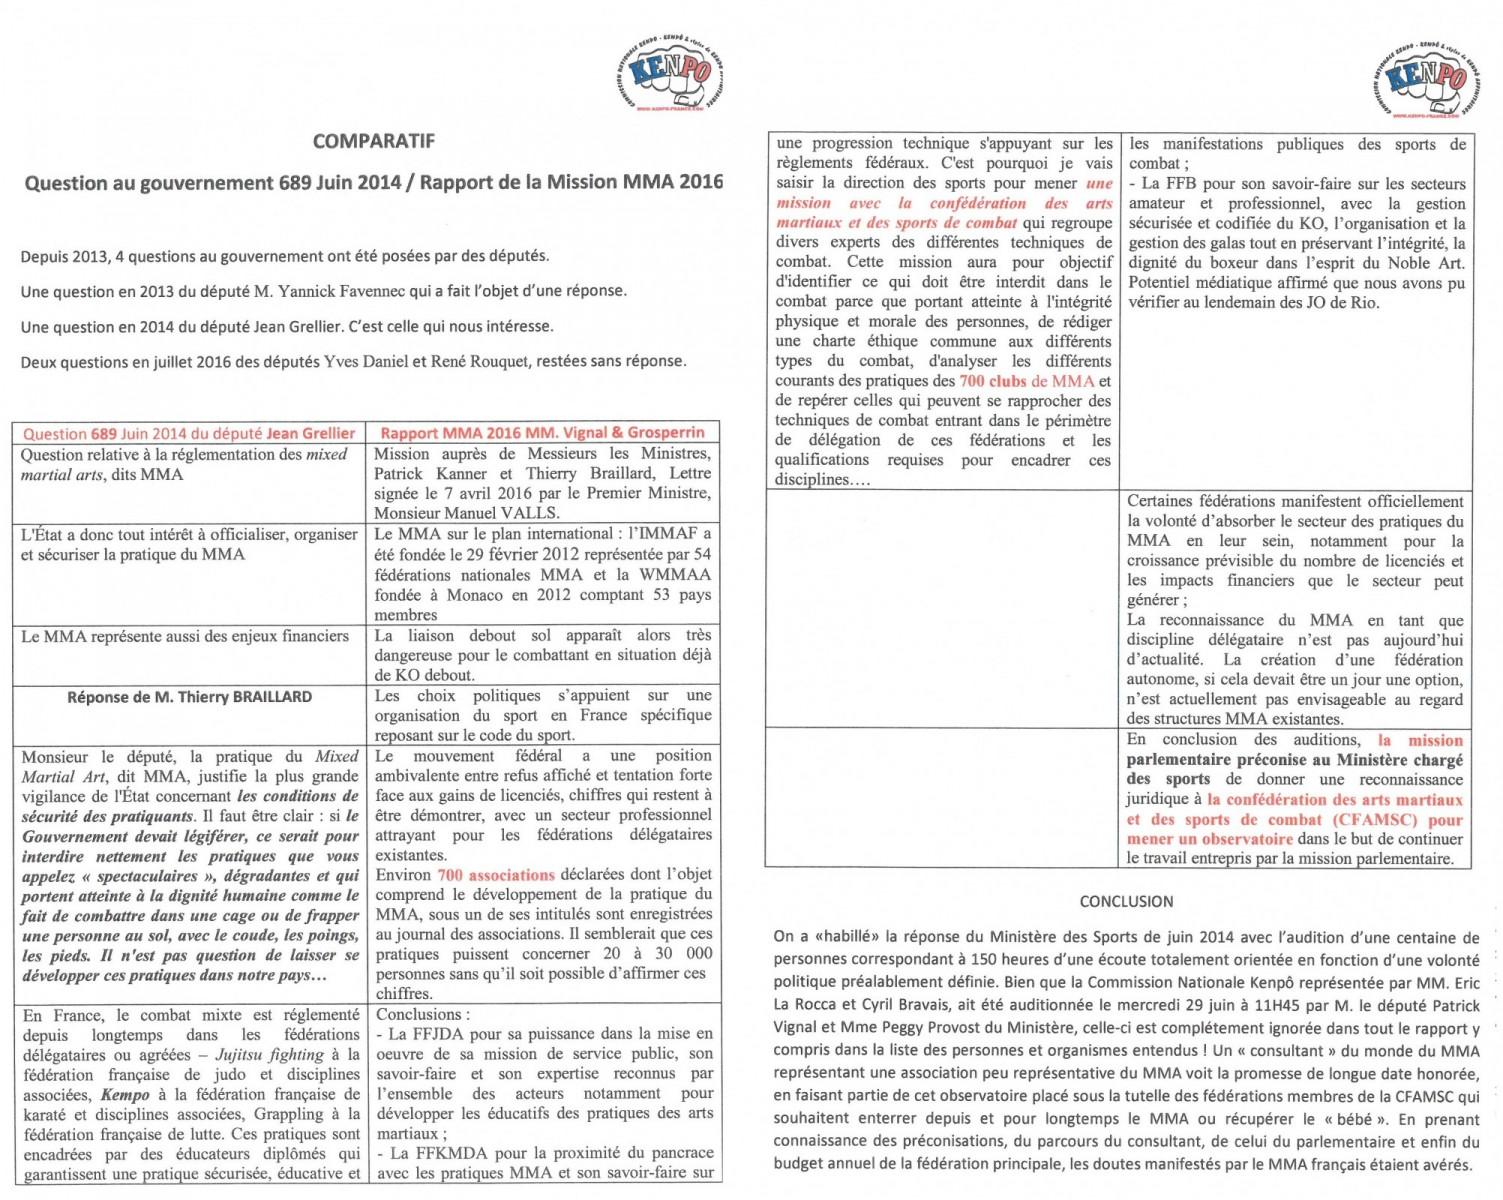 Conclusions Comparatifs Questions au gouvernement et Rapport de la Mission MMA